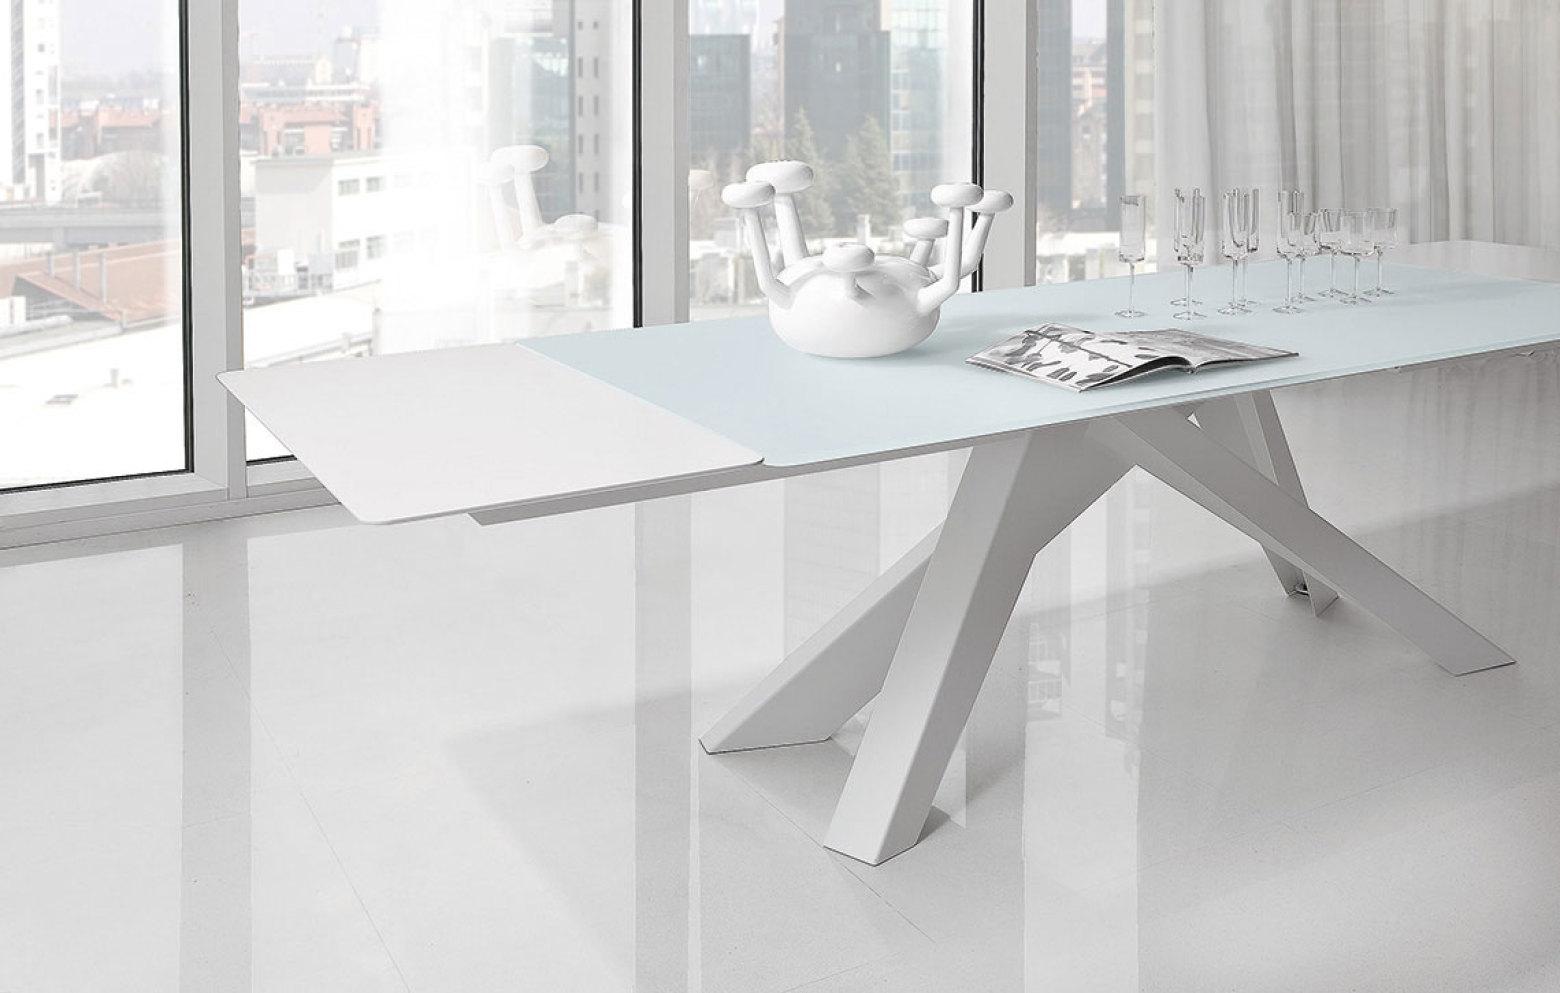 Moderner Designer-Esstisch BIG TABLE Bei WHO'S PERFECT